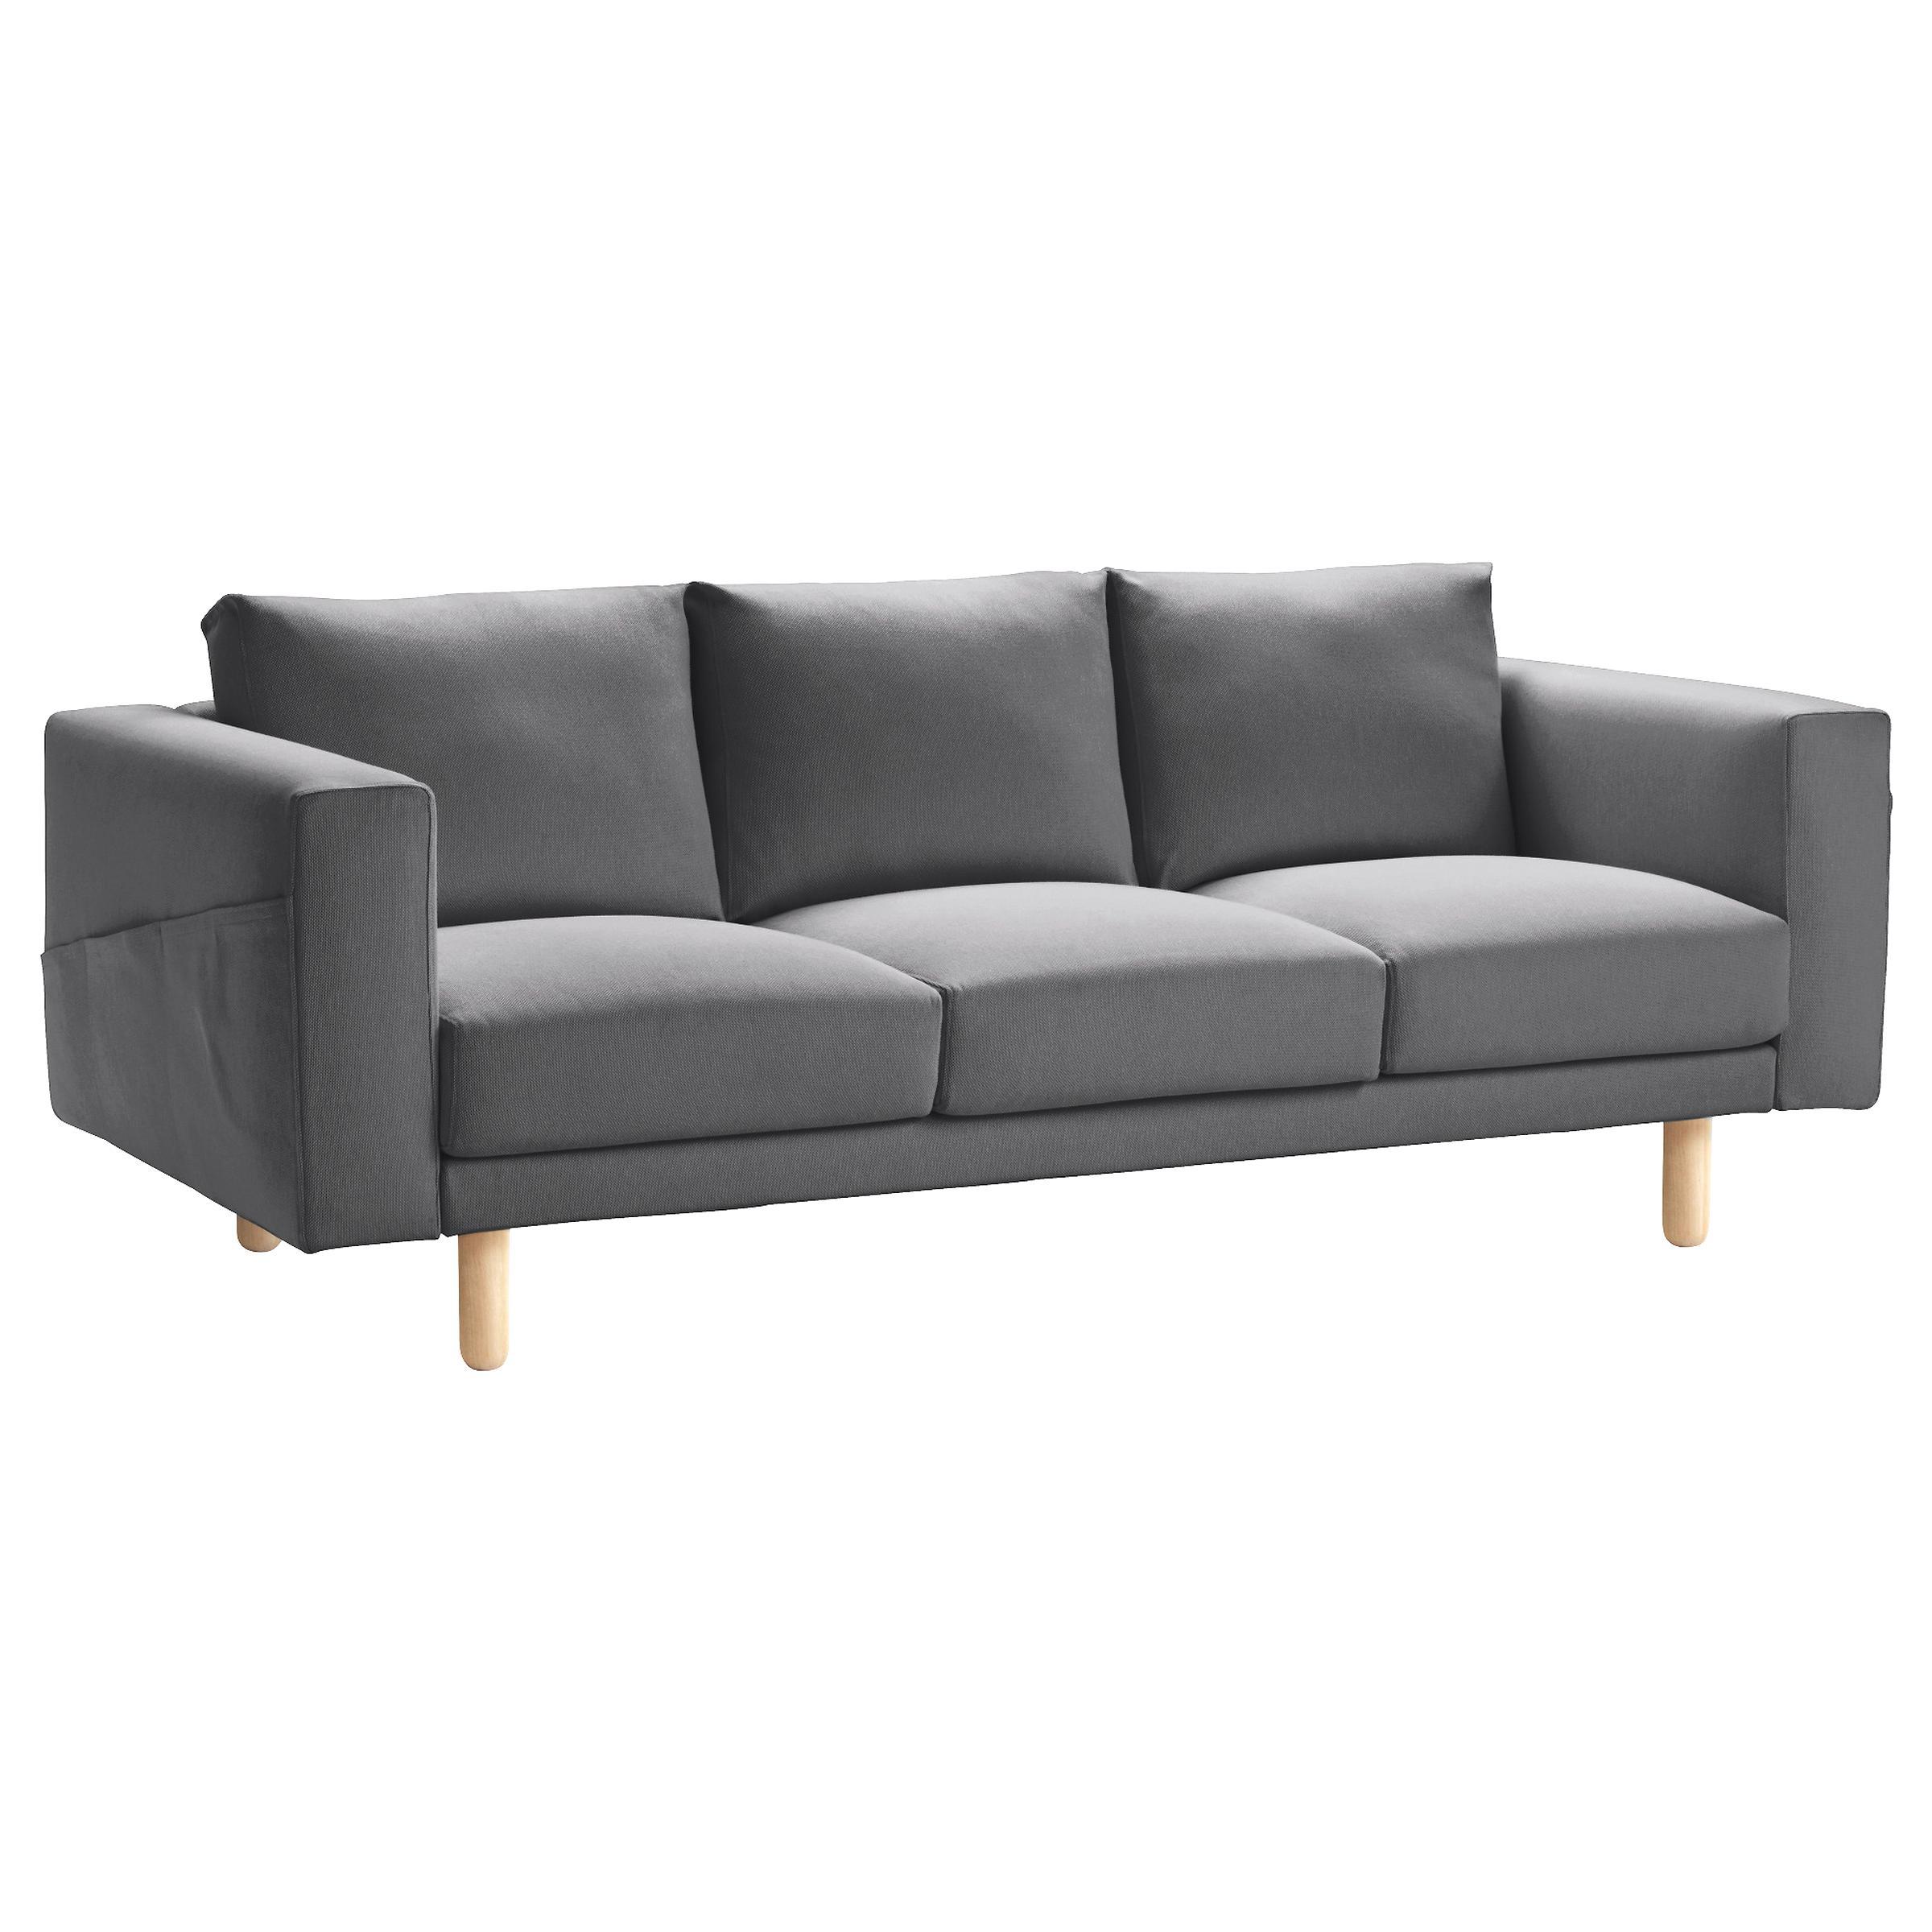 Ikea Sofa 3 Sitzer gebraucht kaufen! Nur 3 St. bis -75 ...